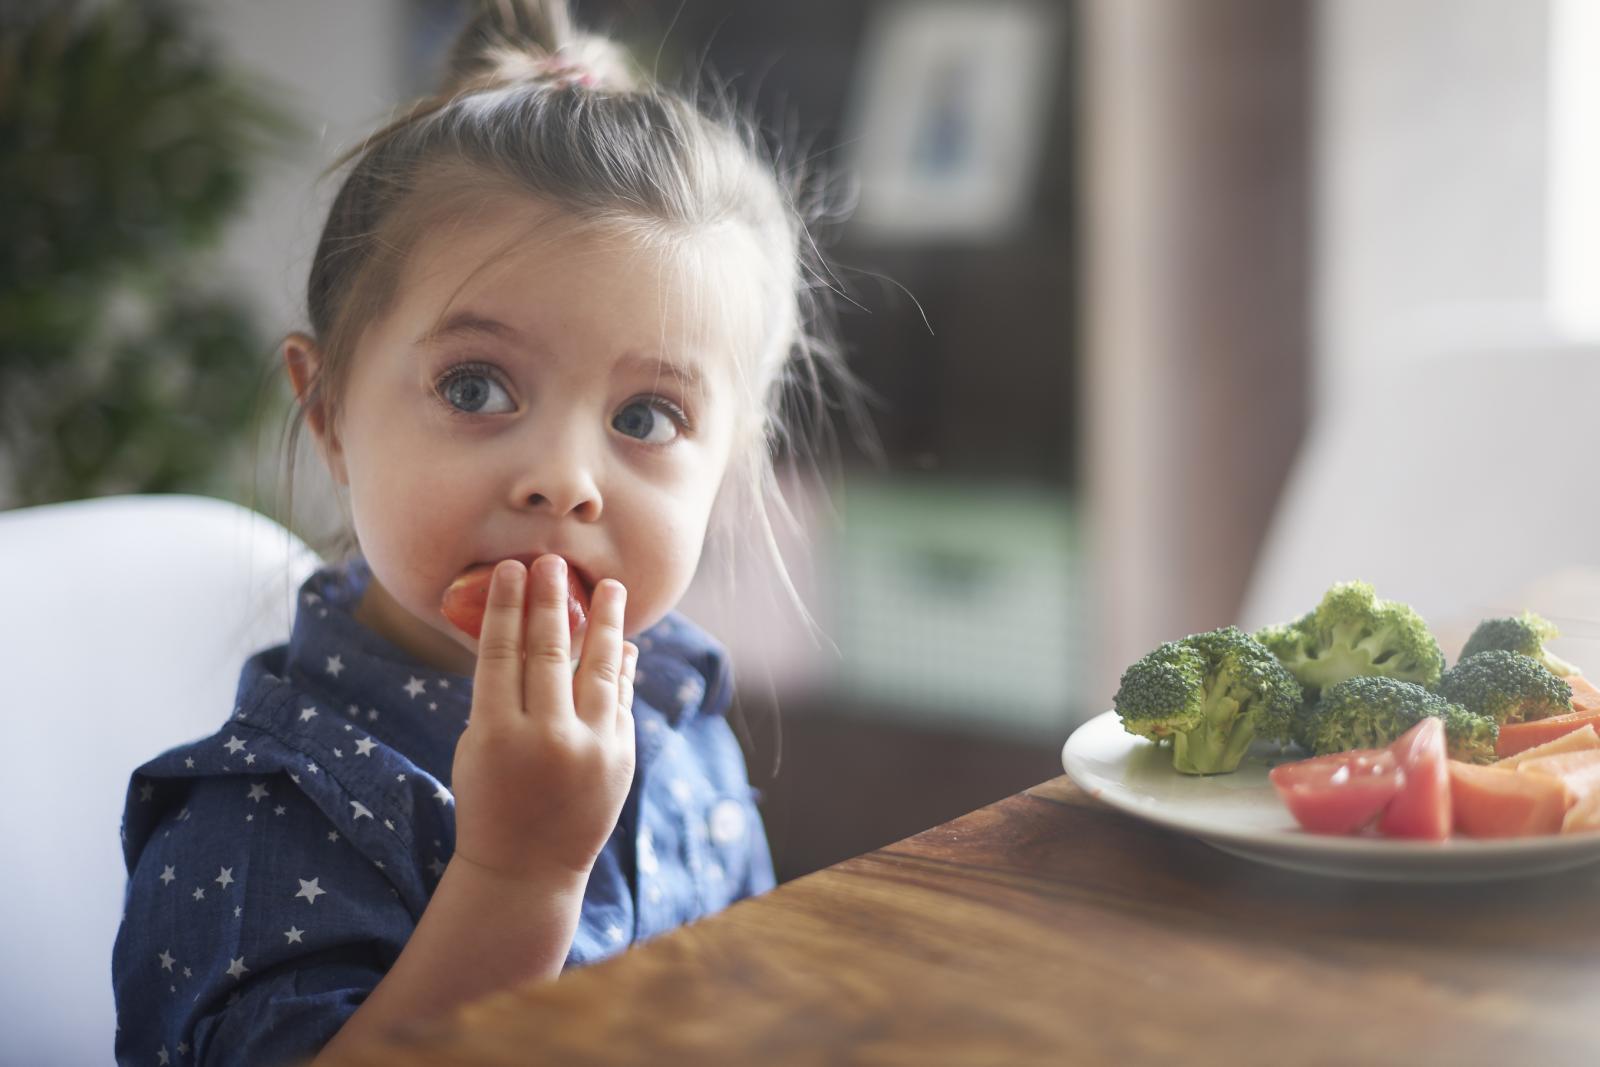 Djeca imaju manji želudac pa samim time mogu pojesti manje. Dobro je da ručak započnu juhom, a također je poželjno da imaju užine između dva glavna obroka.